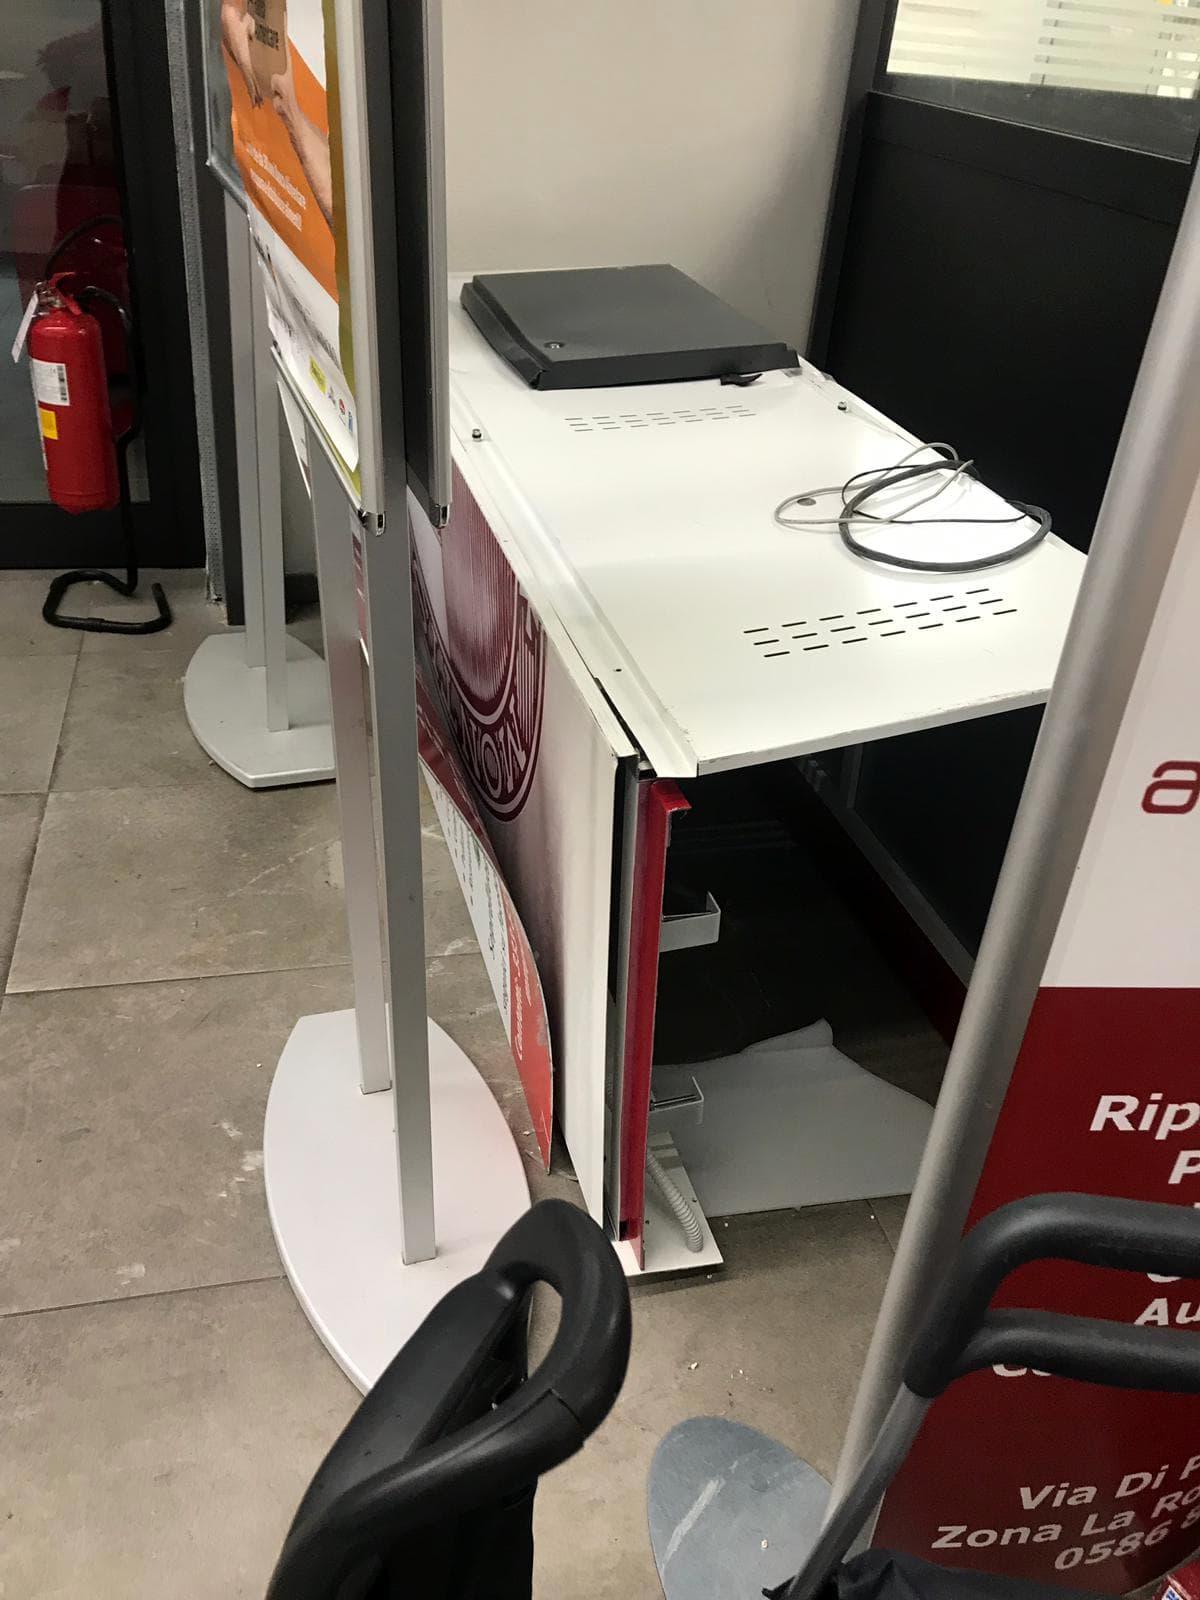 Il bancomat oggetto di furto